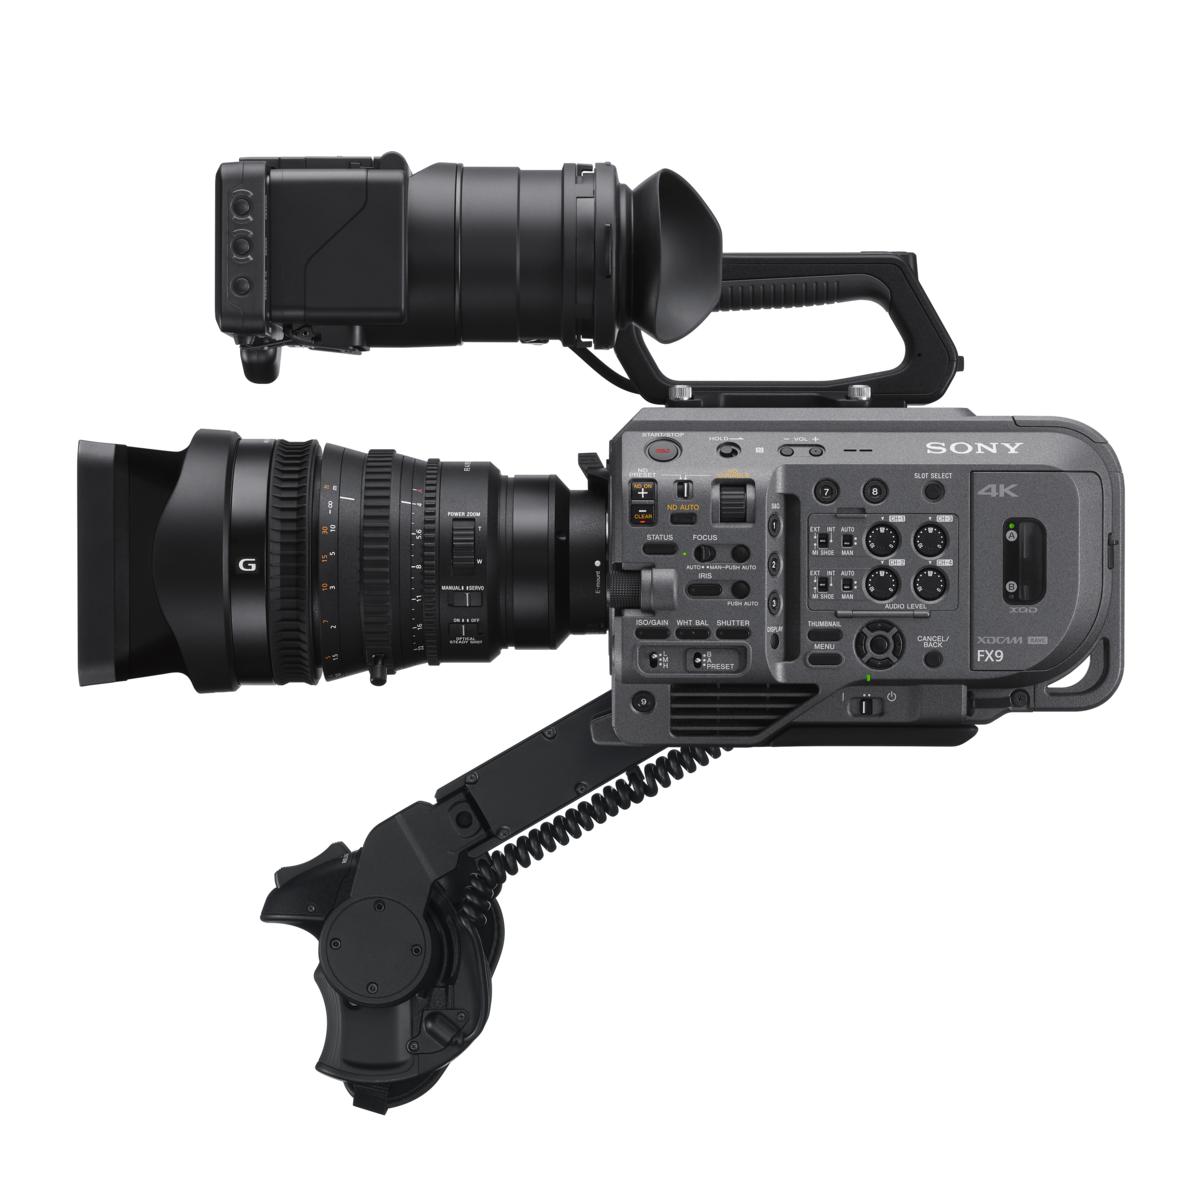 소니, 새롭게 개발한 6K 풀프레임 센서를 탑재한 새로운 플래그십 캠코더 'FX9' 공개